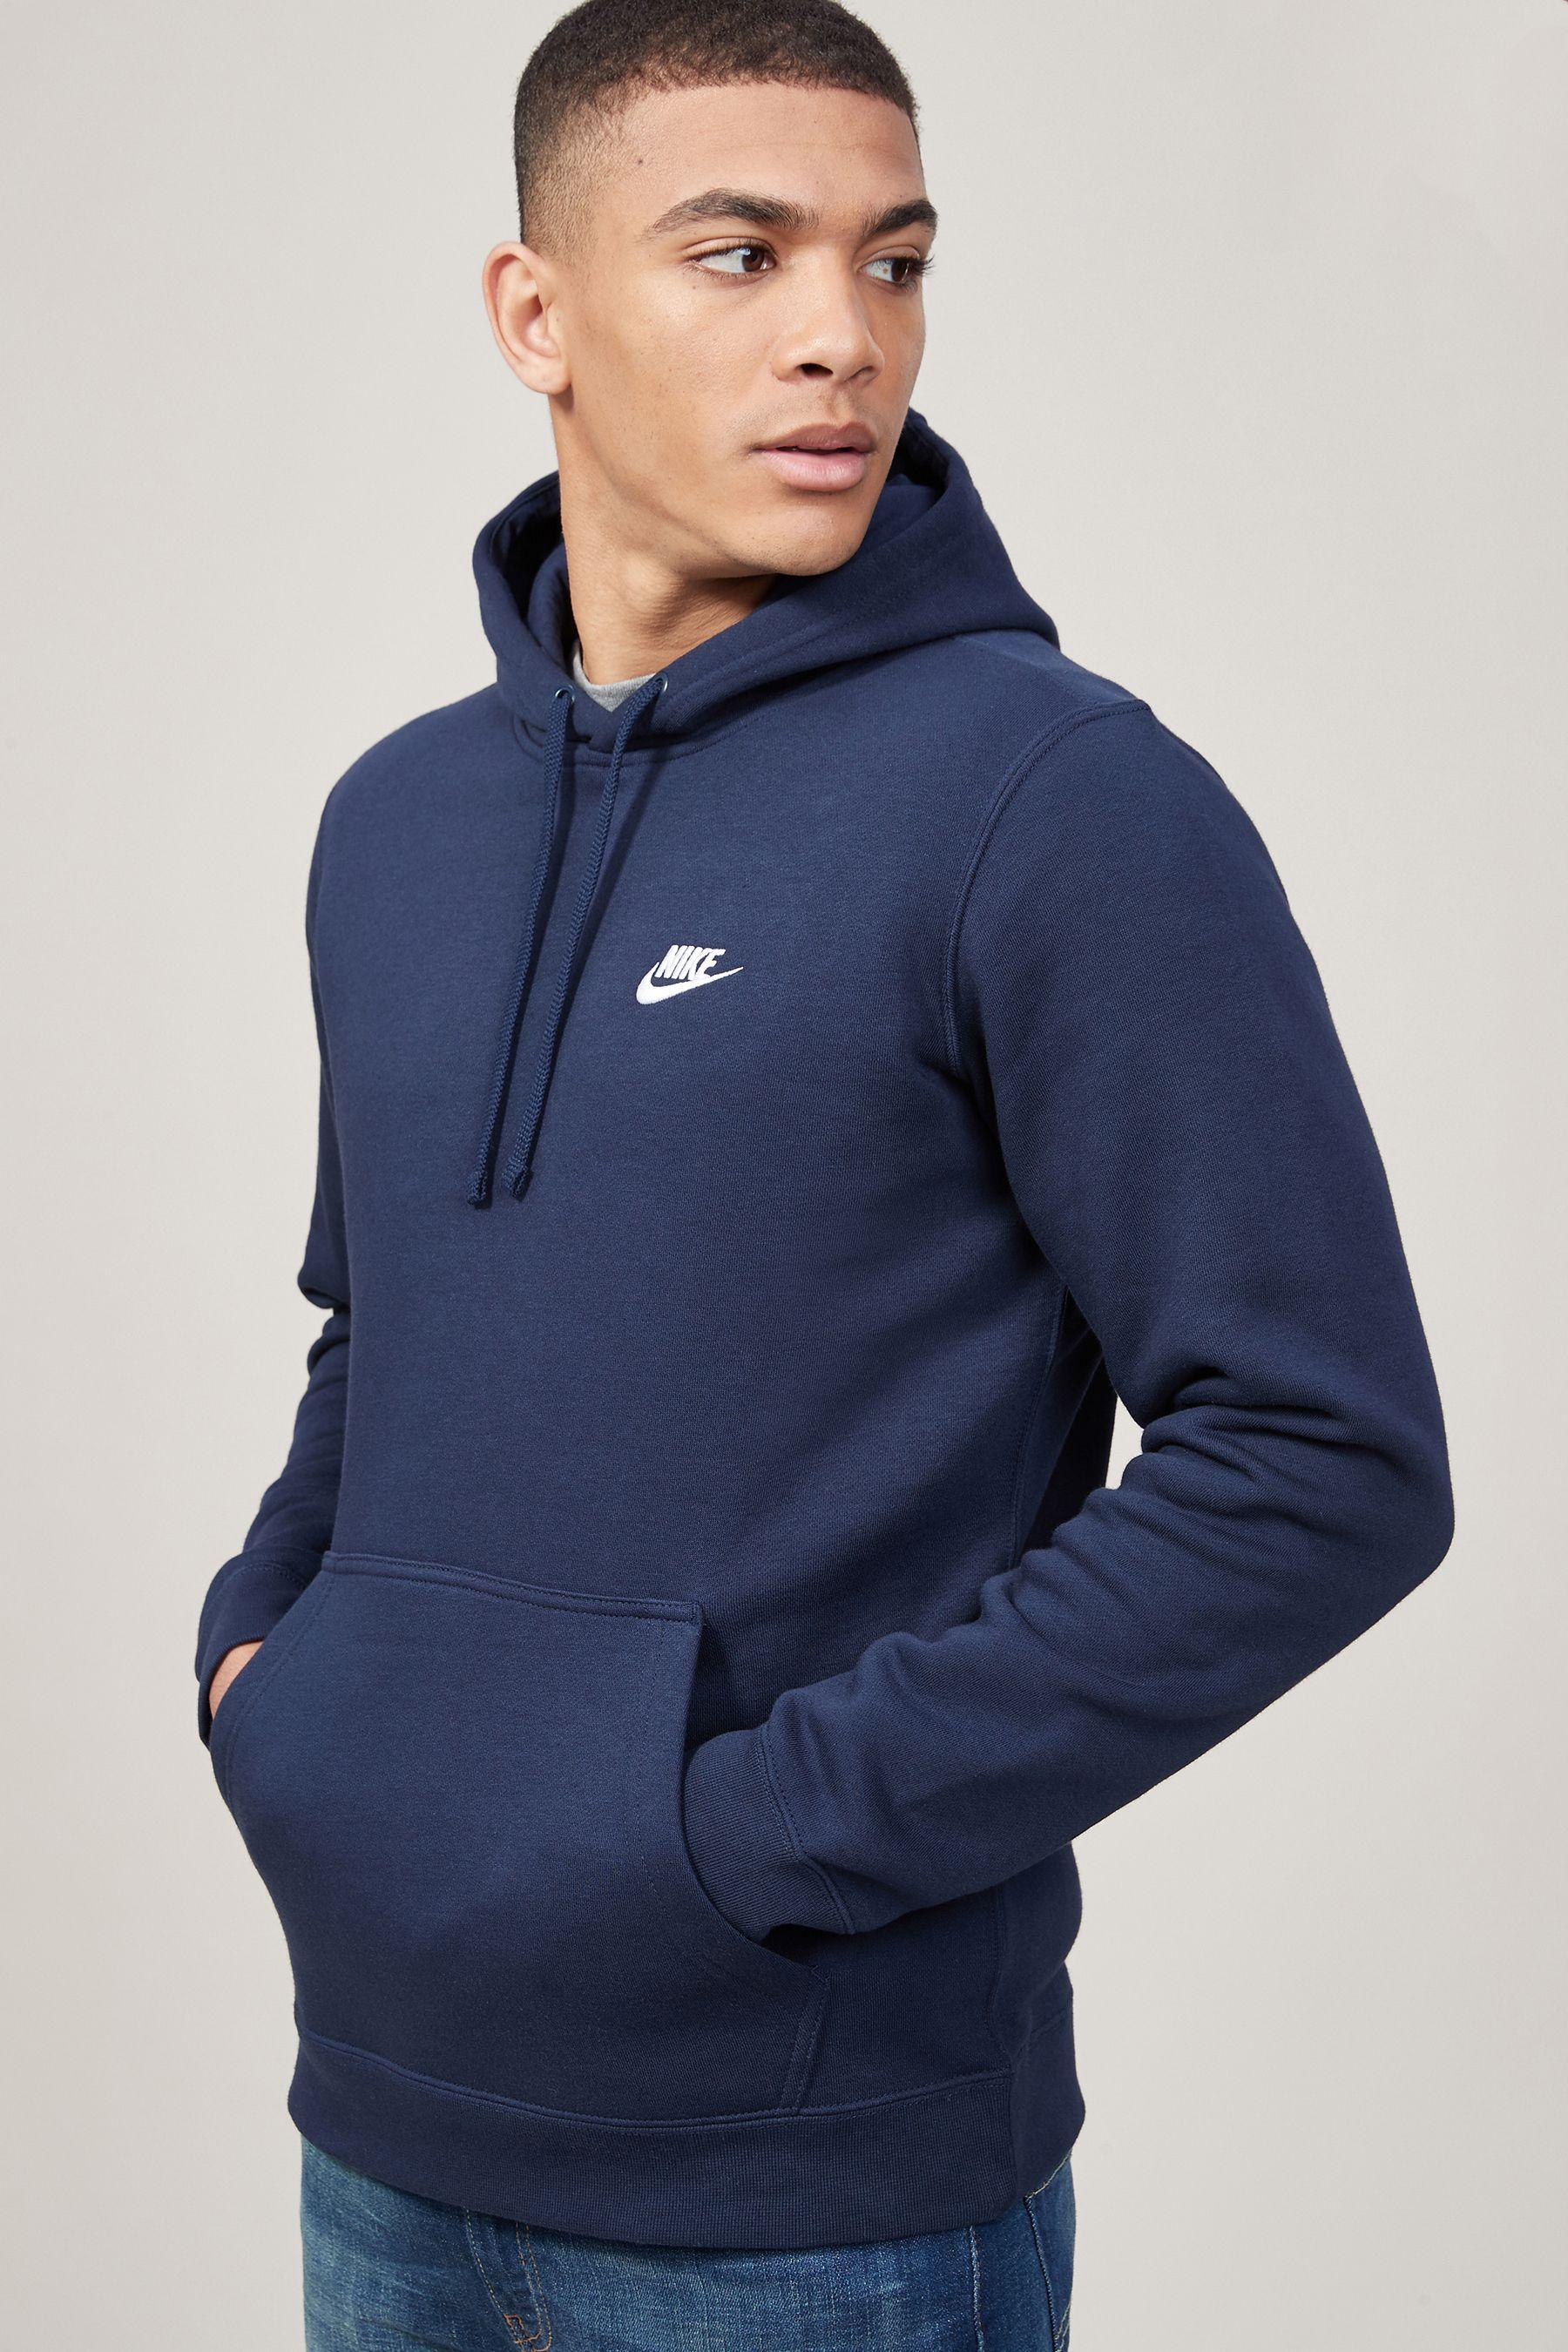 82dab2a7a227 Mens Nike Club Hoody - Blue